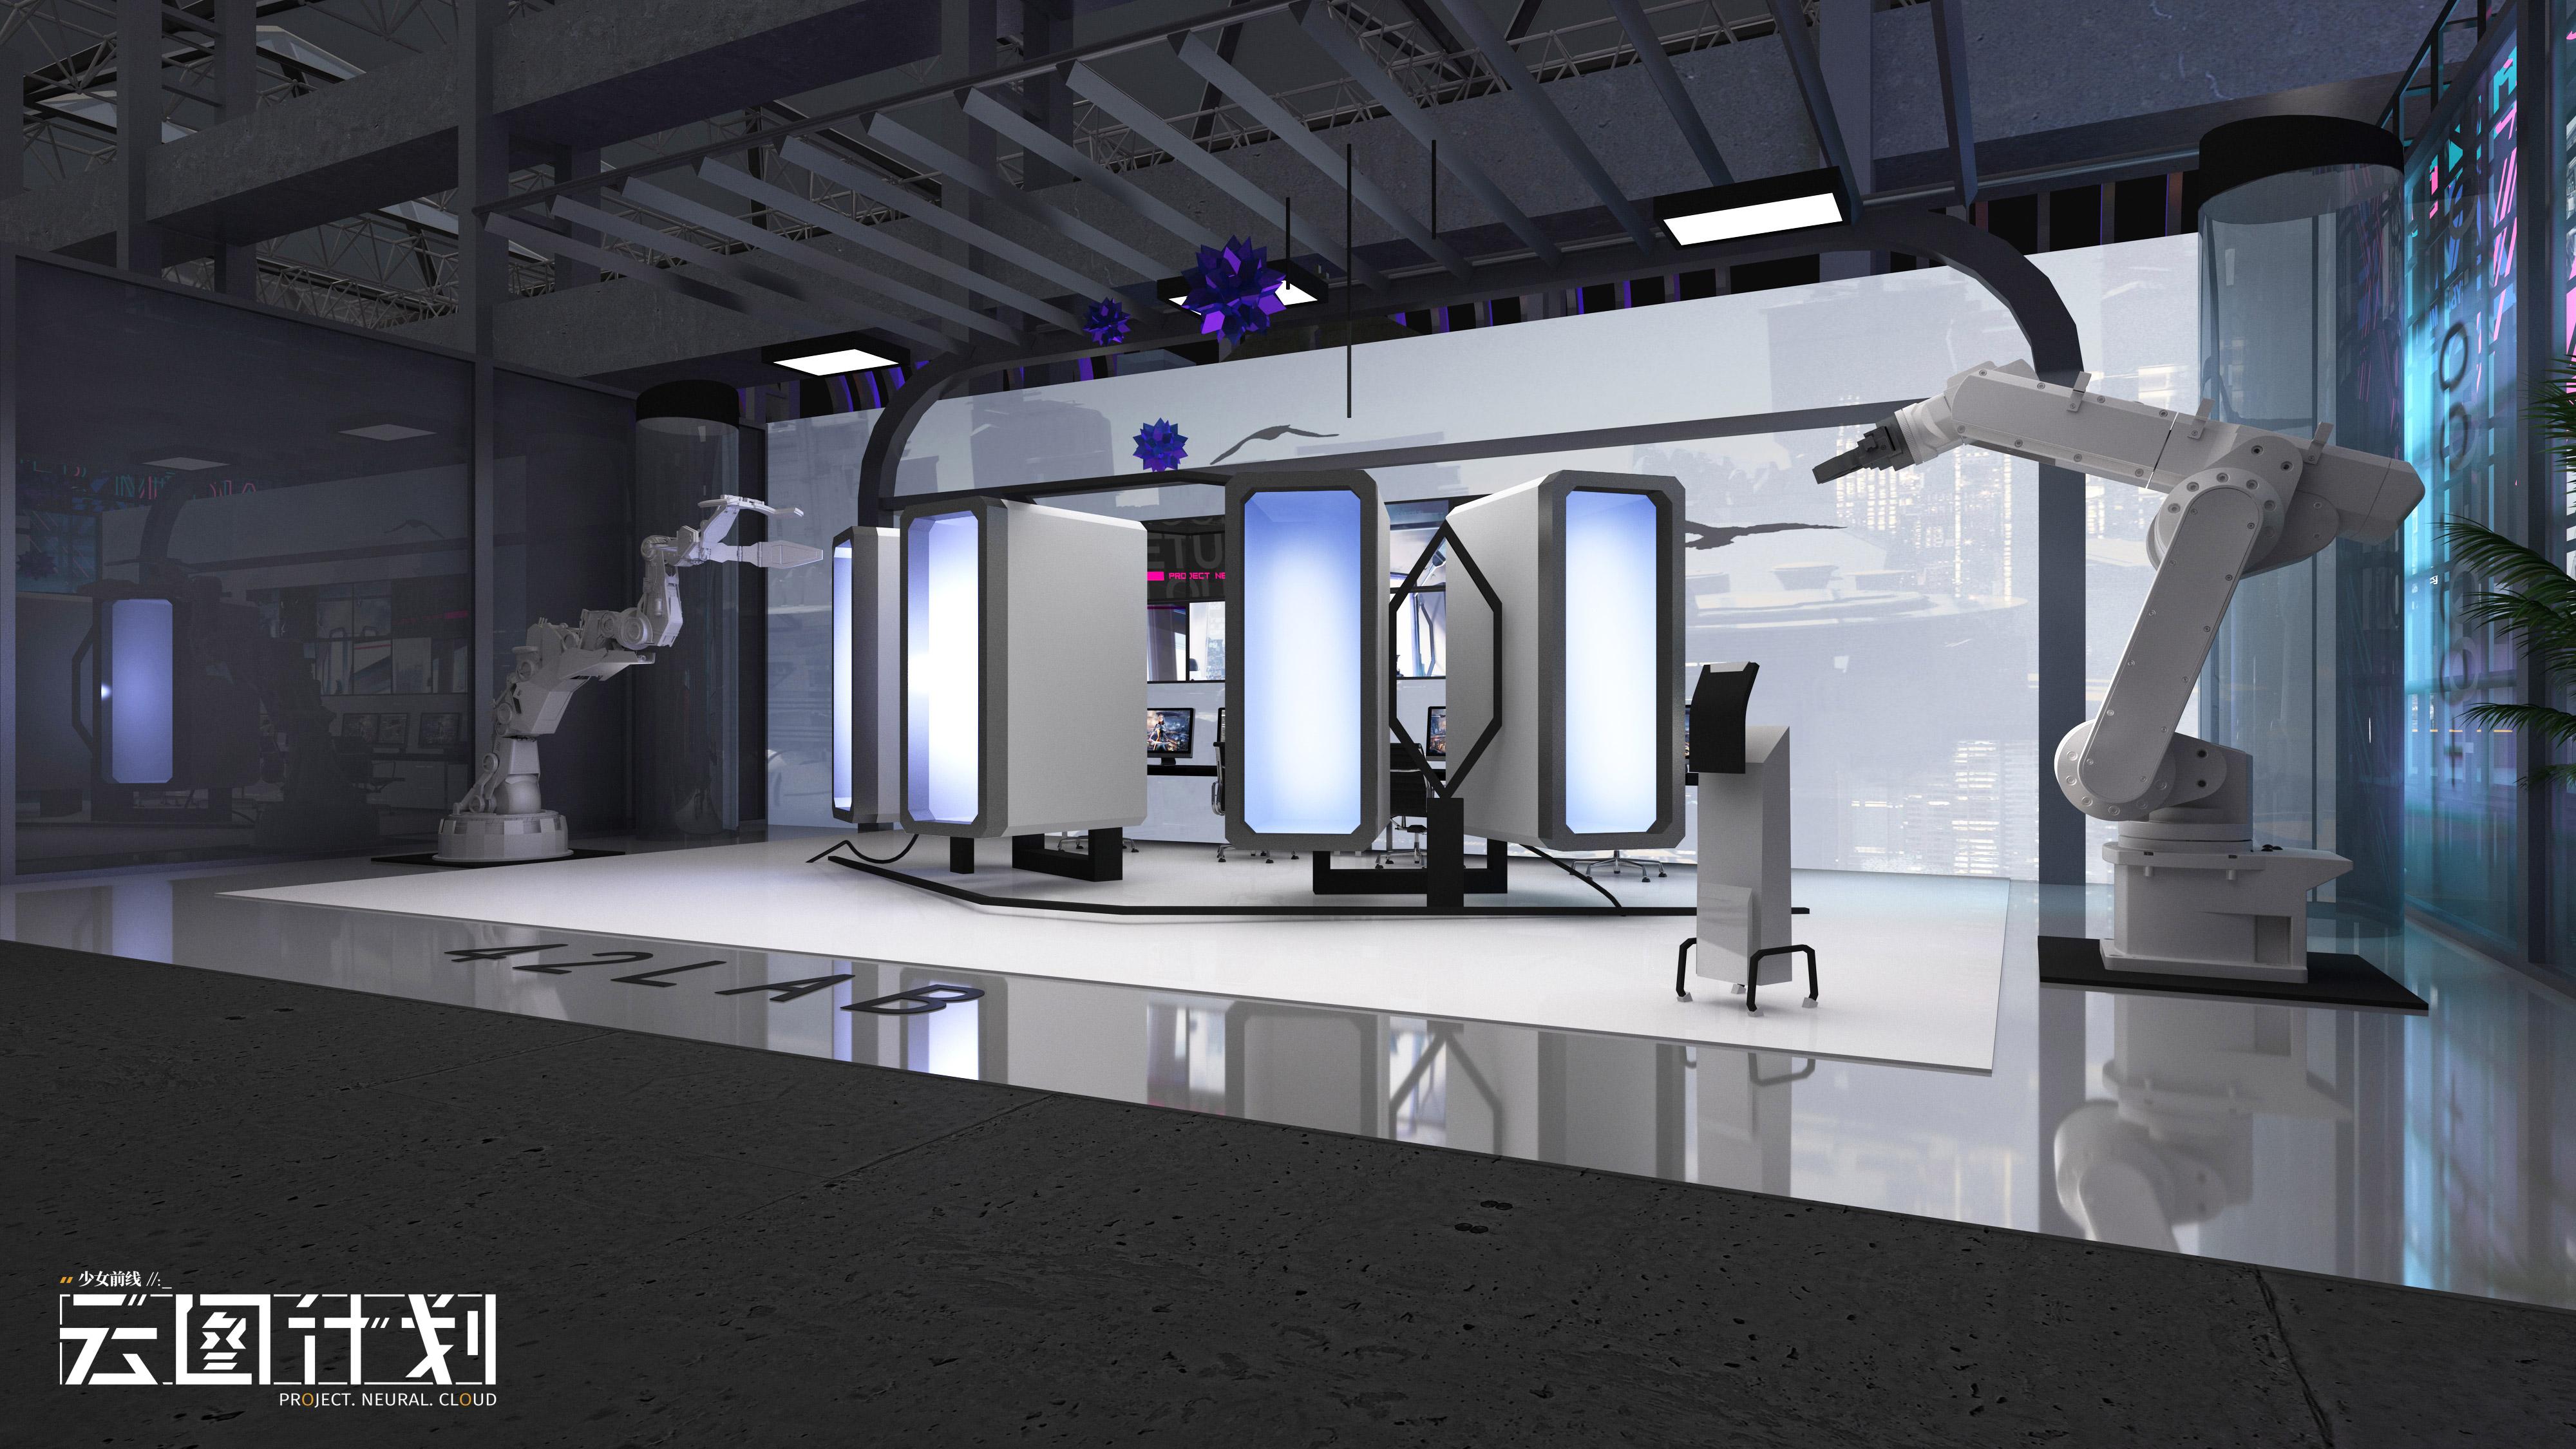 云图世界工程搭建中——虚拟空间上传完毕!